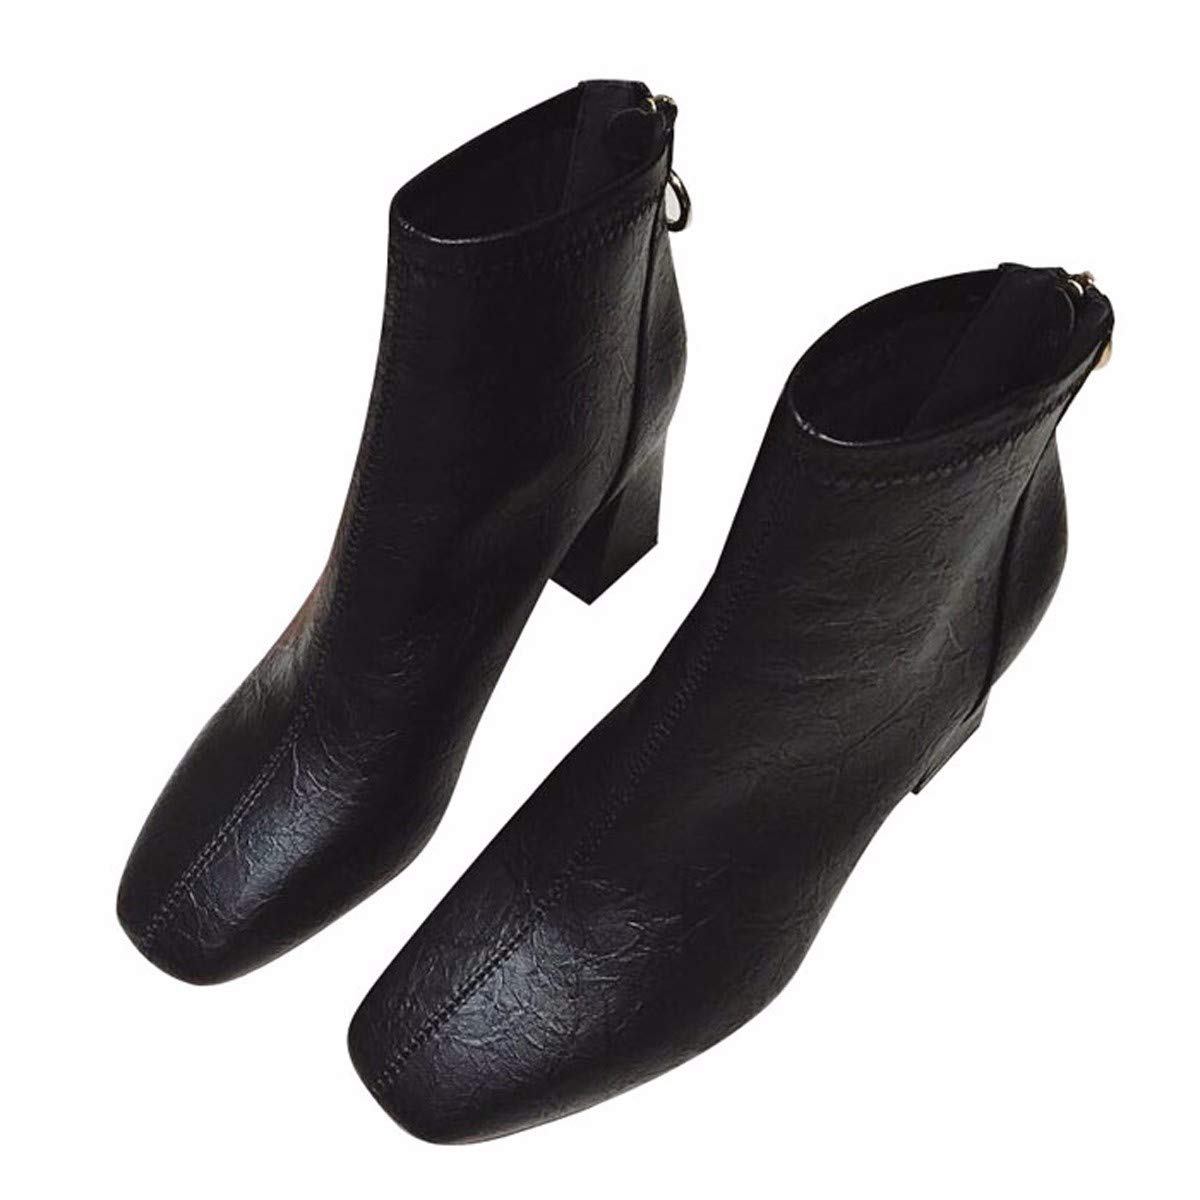 HBDLH Damenschuhe Im Winter Chelsea Stiefel Heel 7 cm Dicke Sohle 100 Sätze Retro Martin Stiefel